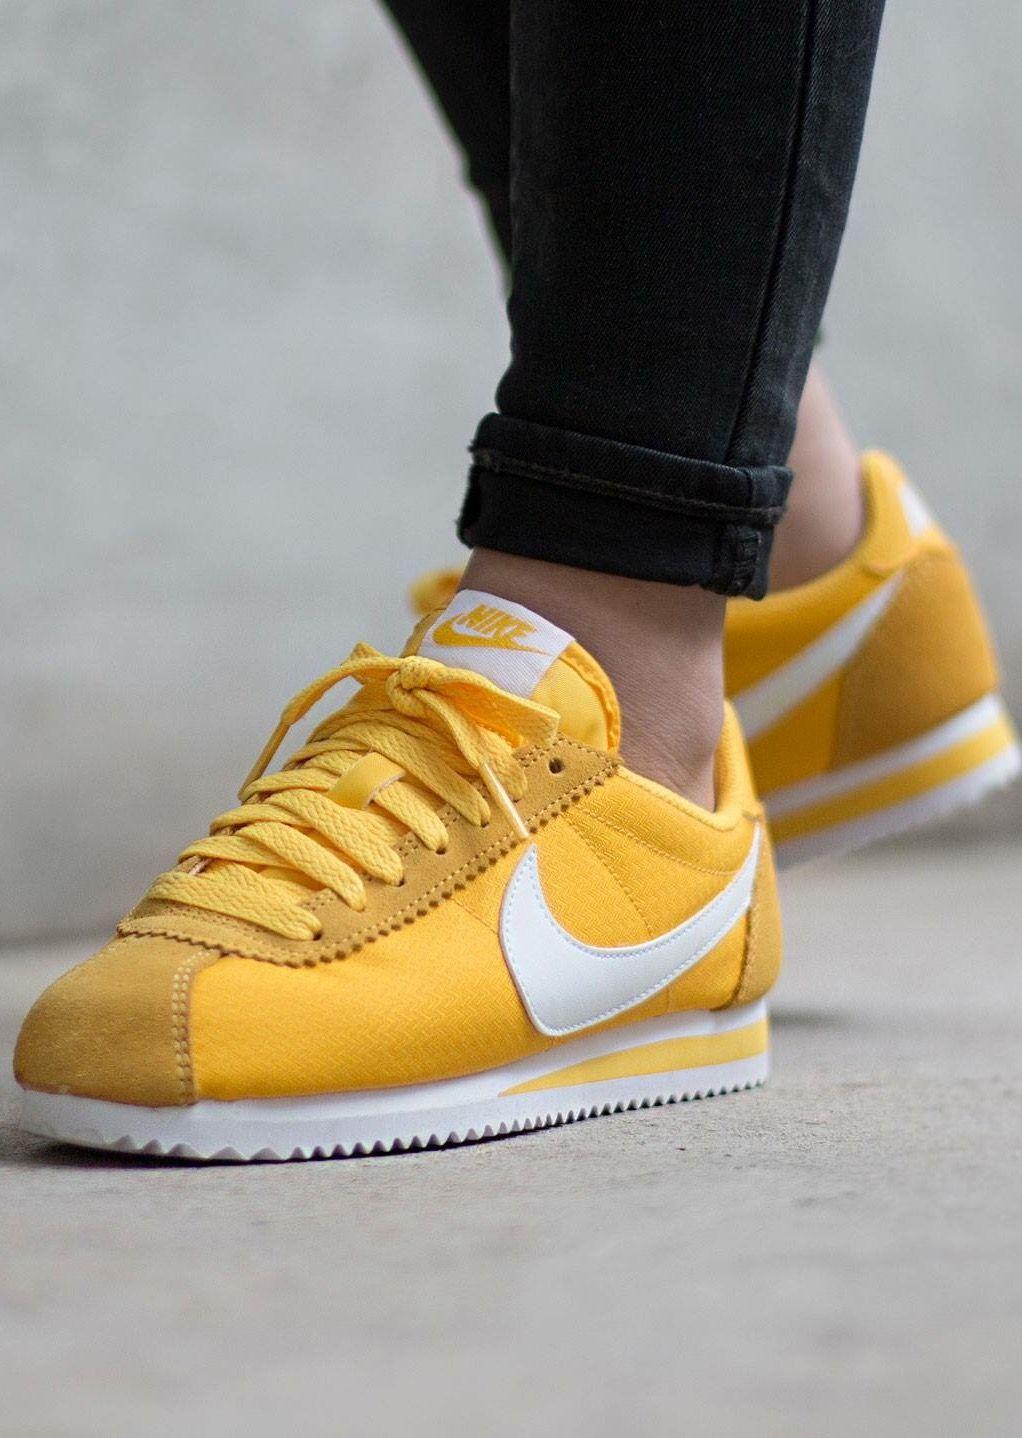 Nike Cortez Schuhe Versandkostenfrei